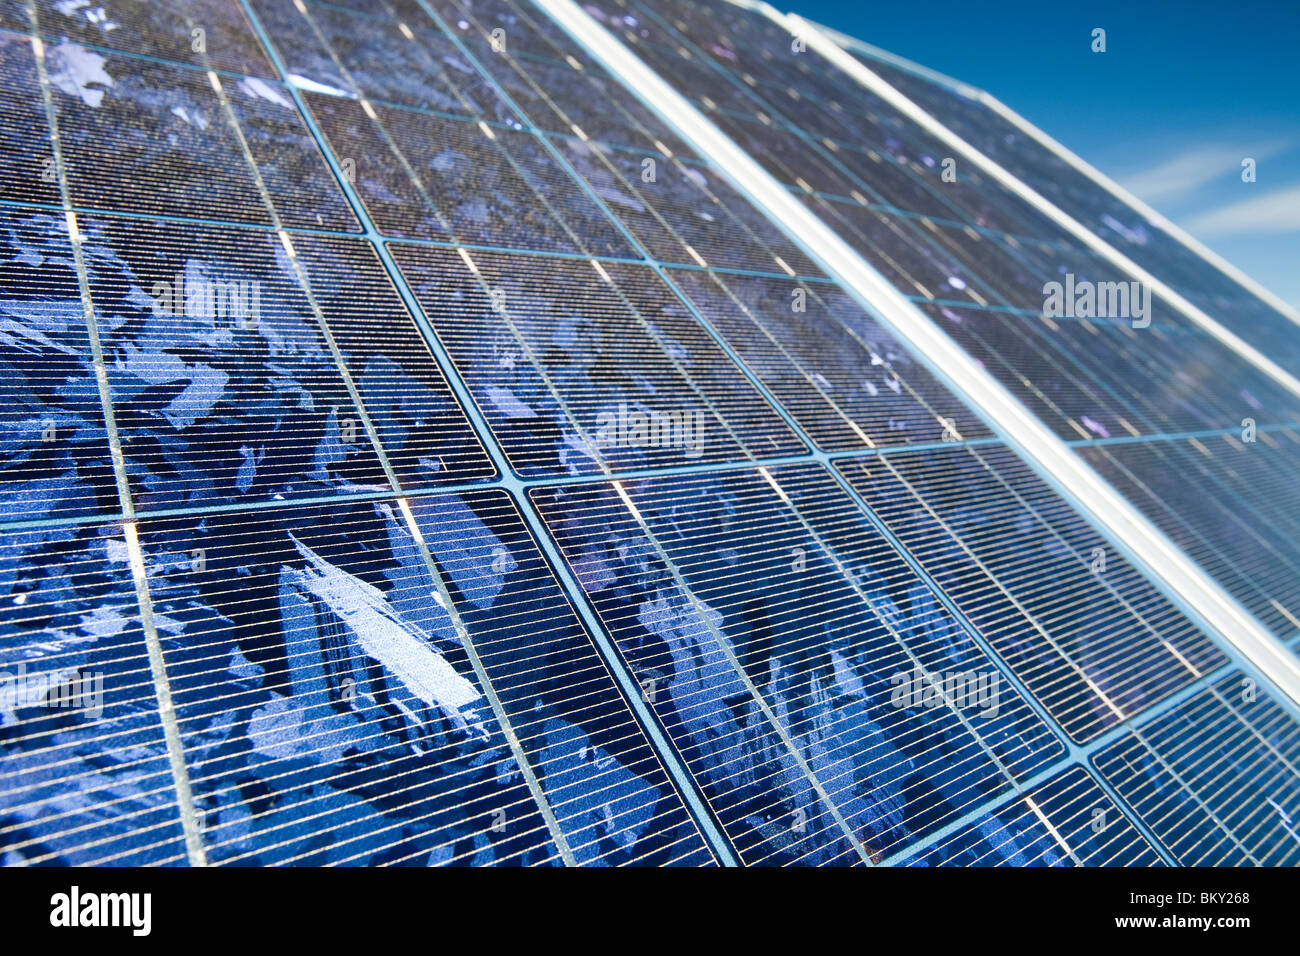 Des panneaux solaires sont utilisés pour produire de l'électricité pour alimenter l'équipement Photo Stock